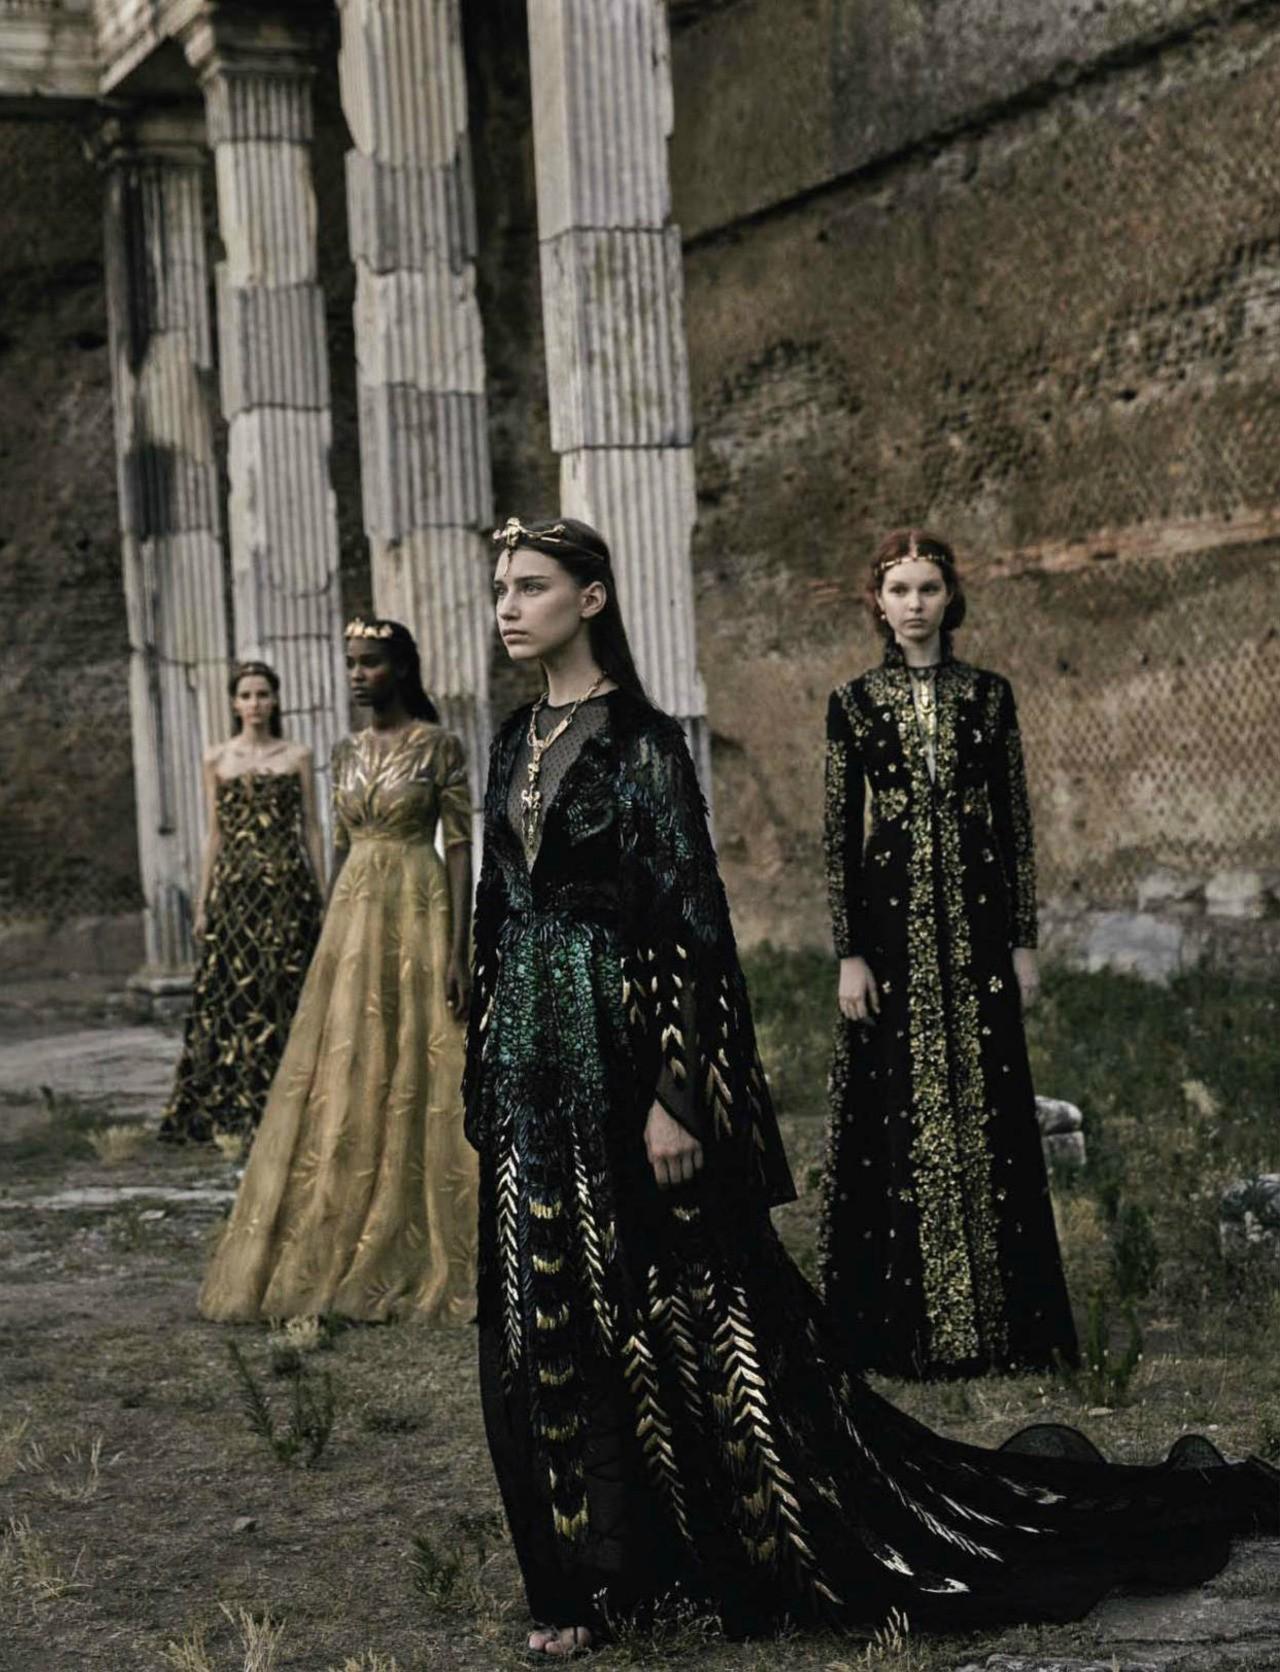 Valentino Haute Couture, photo by Fabrizio Ferri